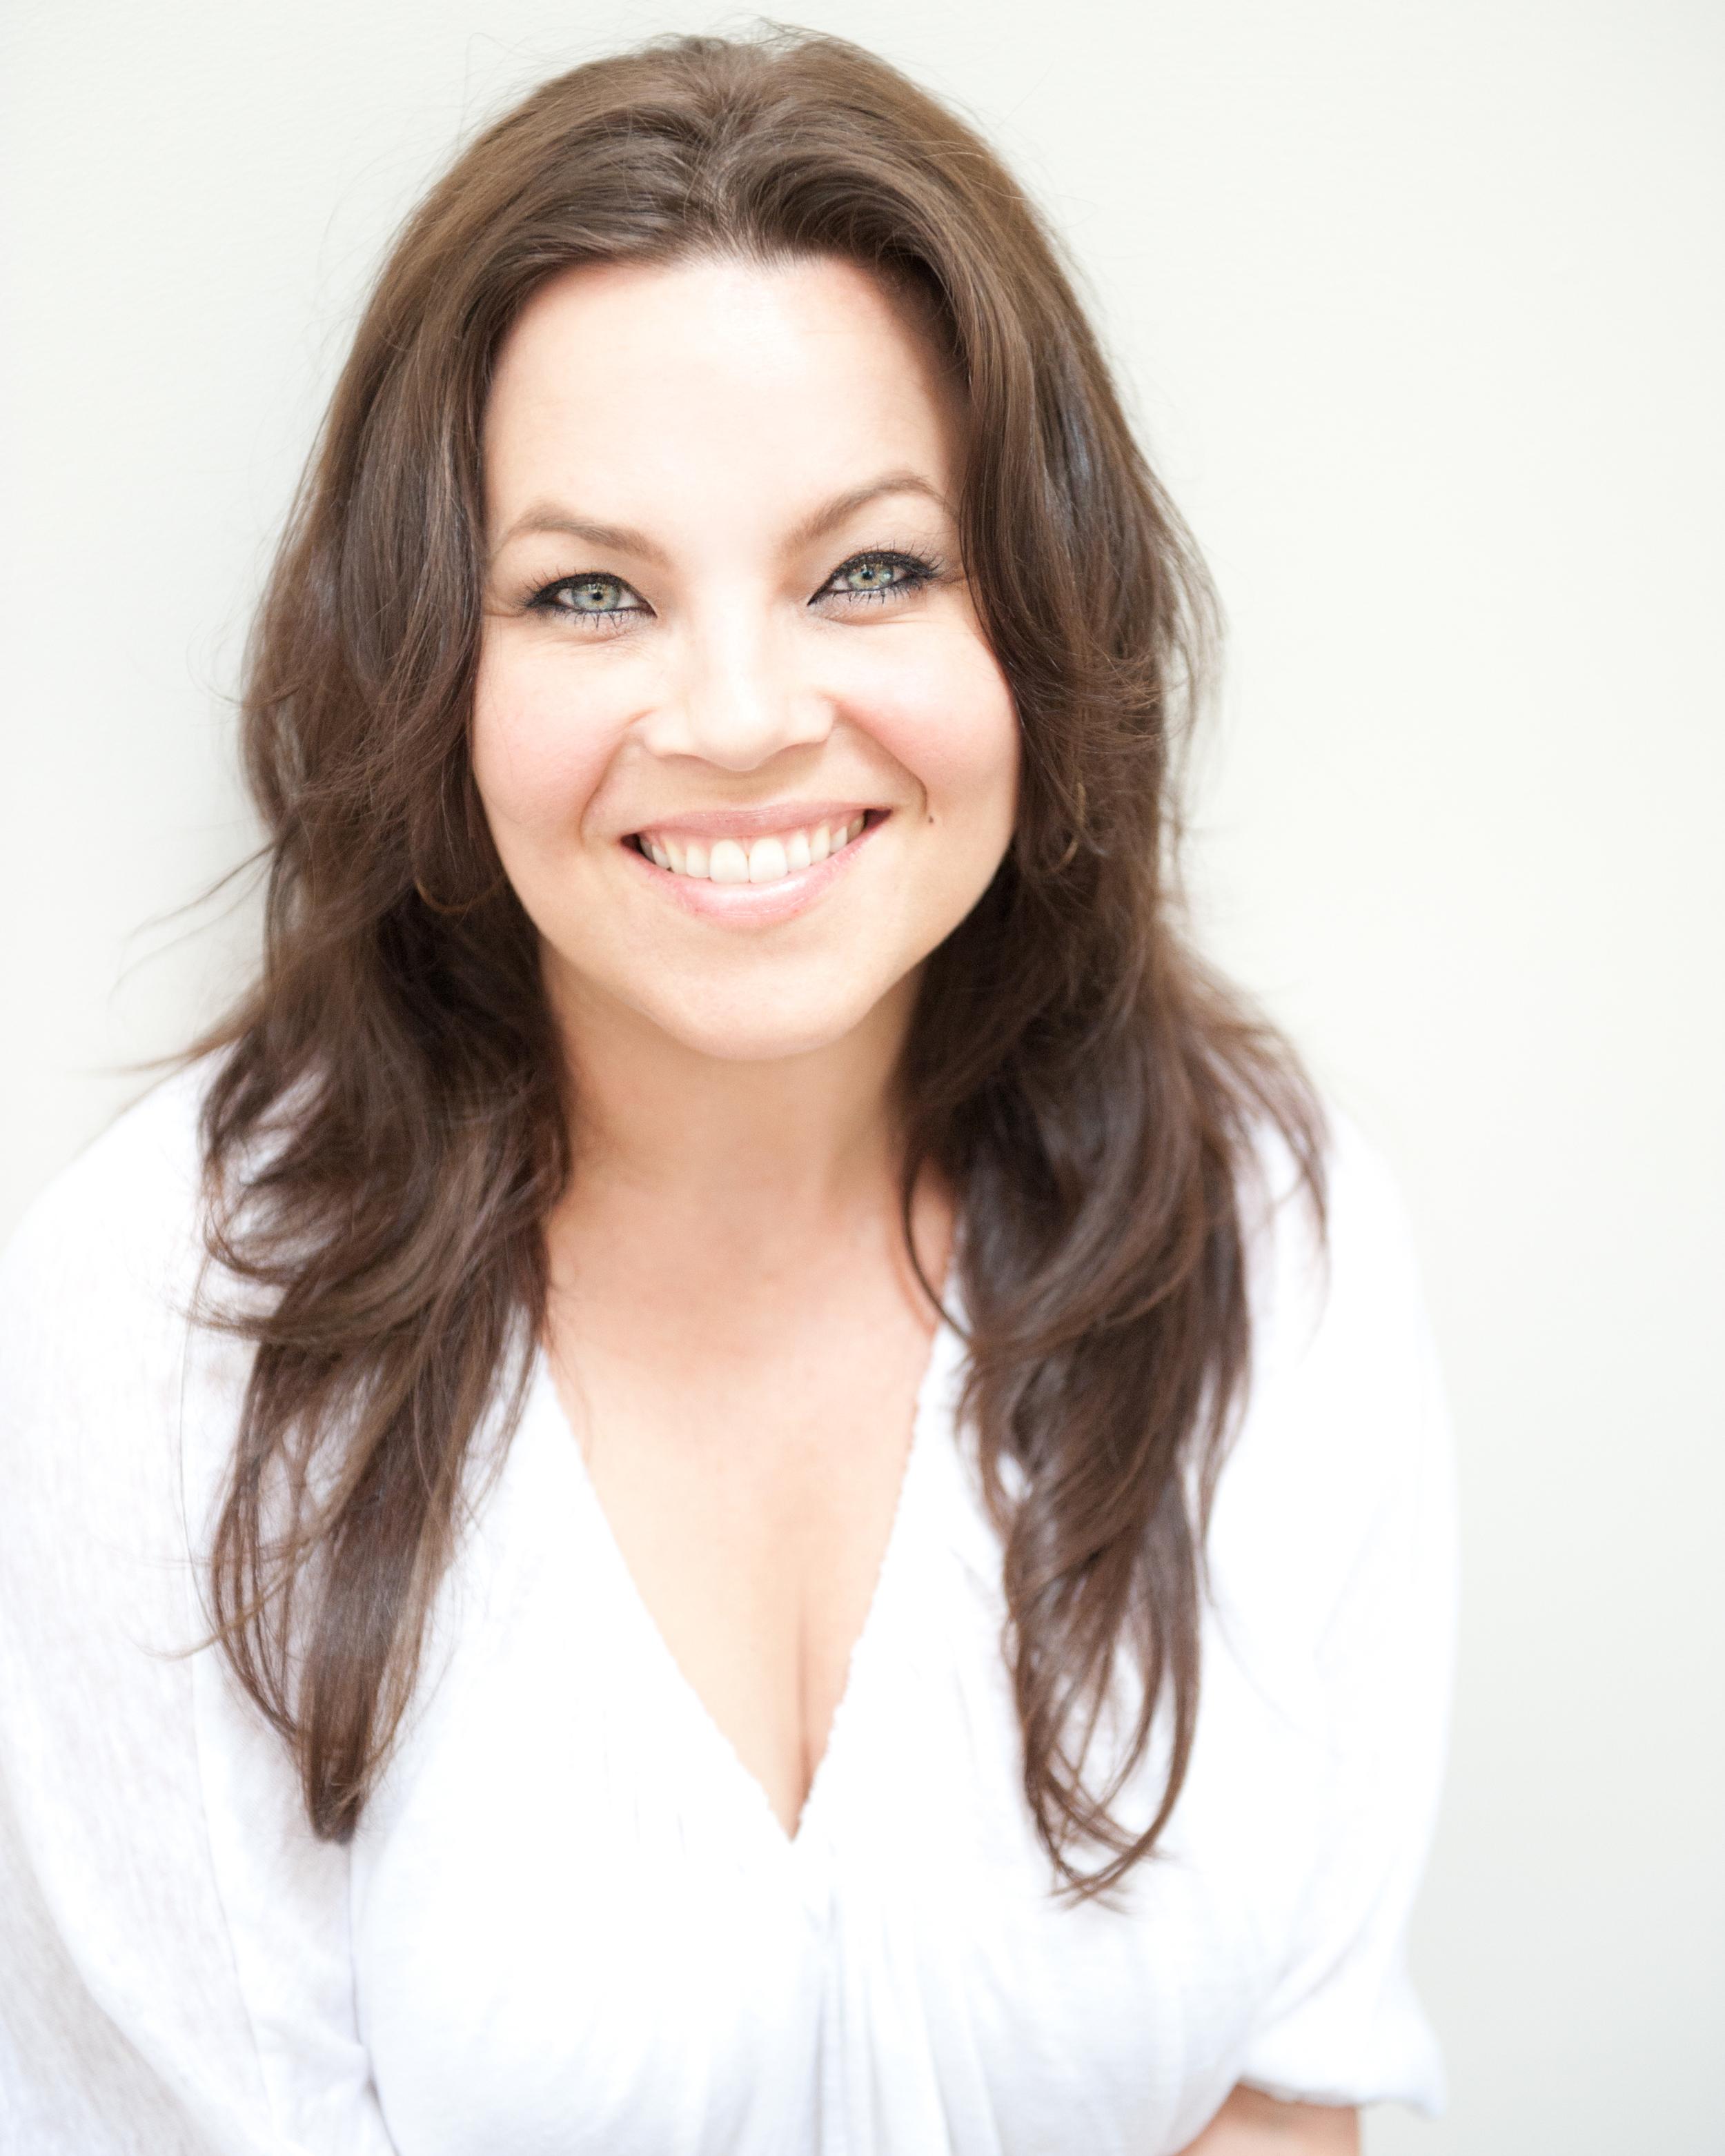 Danielle Laporte, 2013.